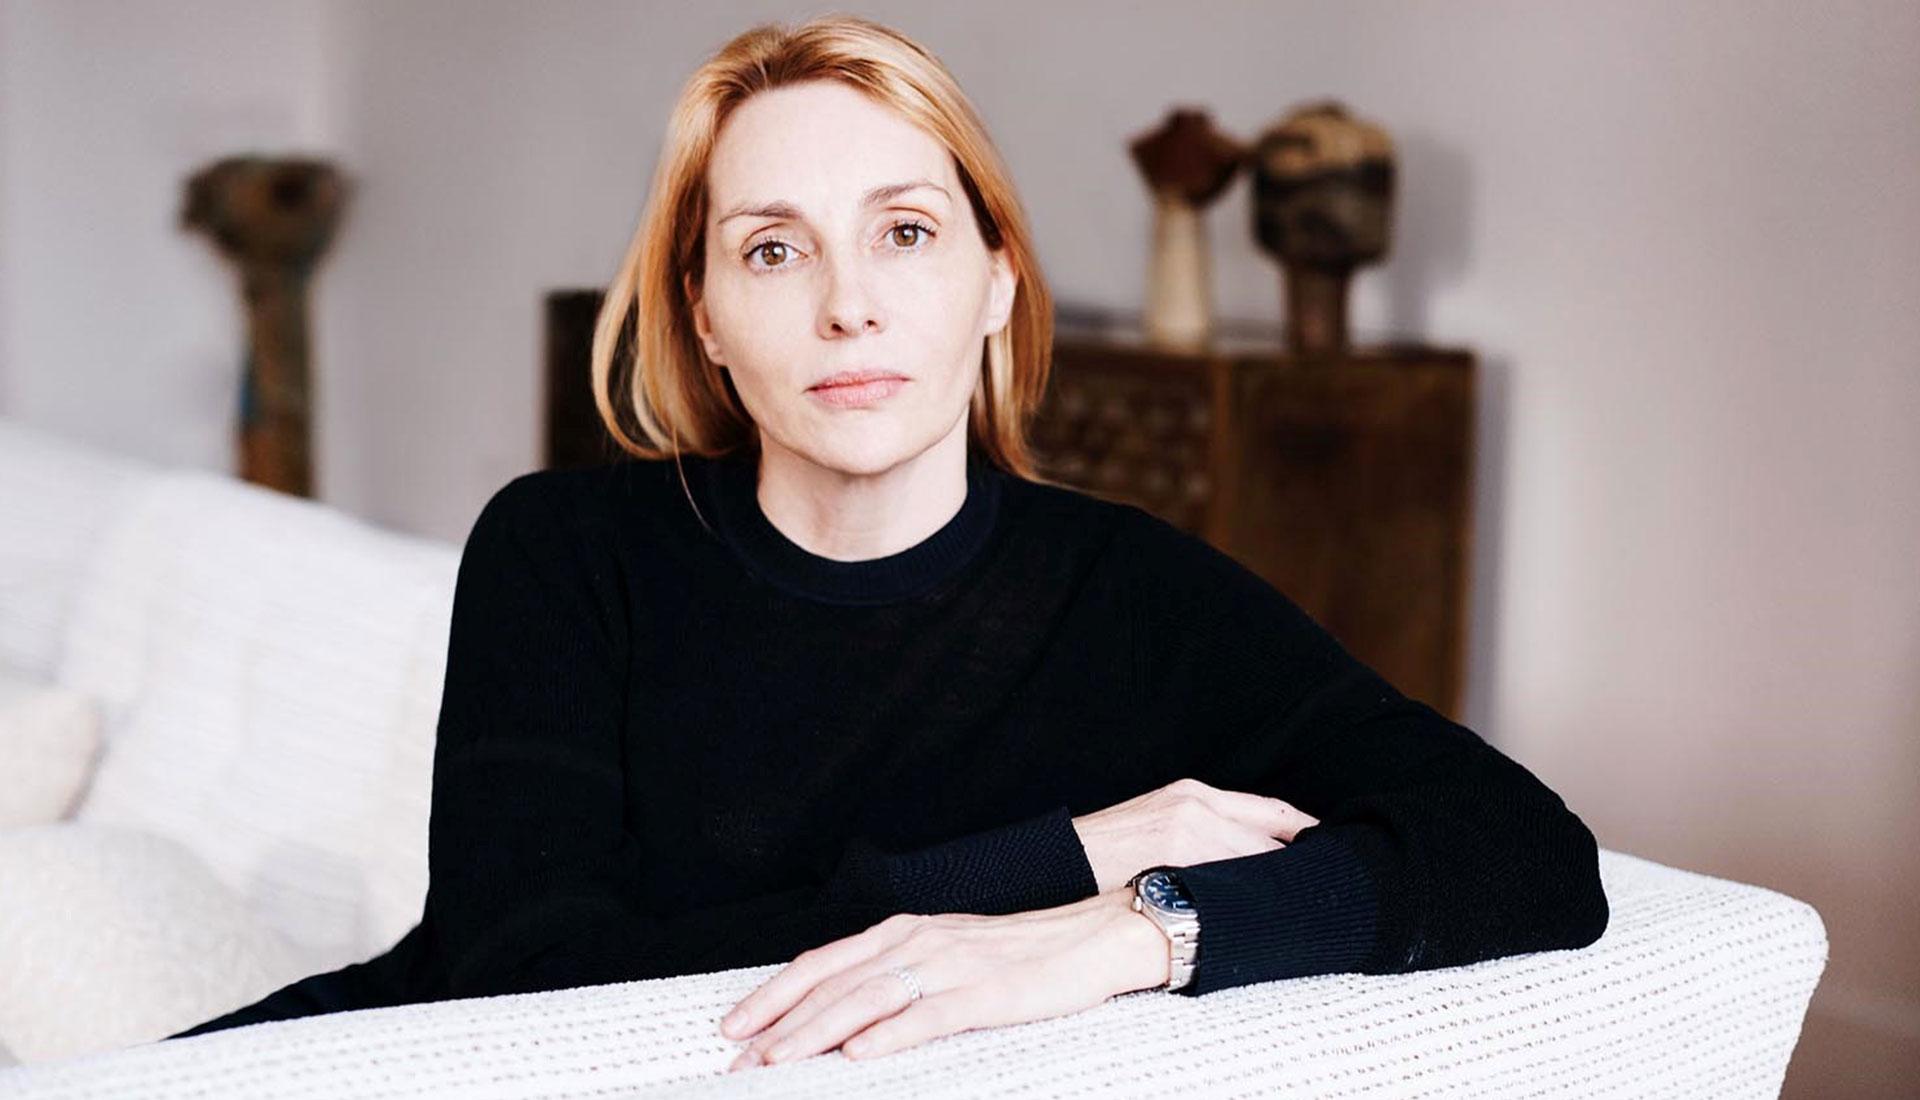 Изабель Дюберн-Малеве интервью фото